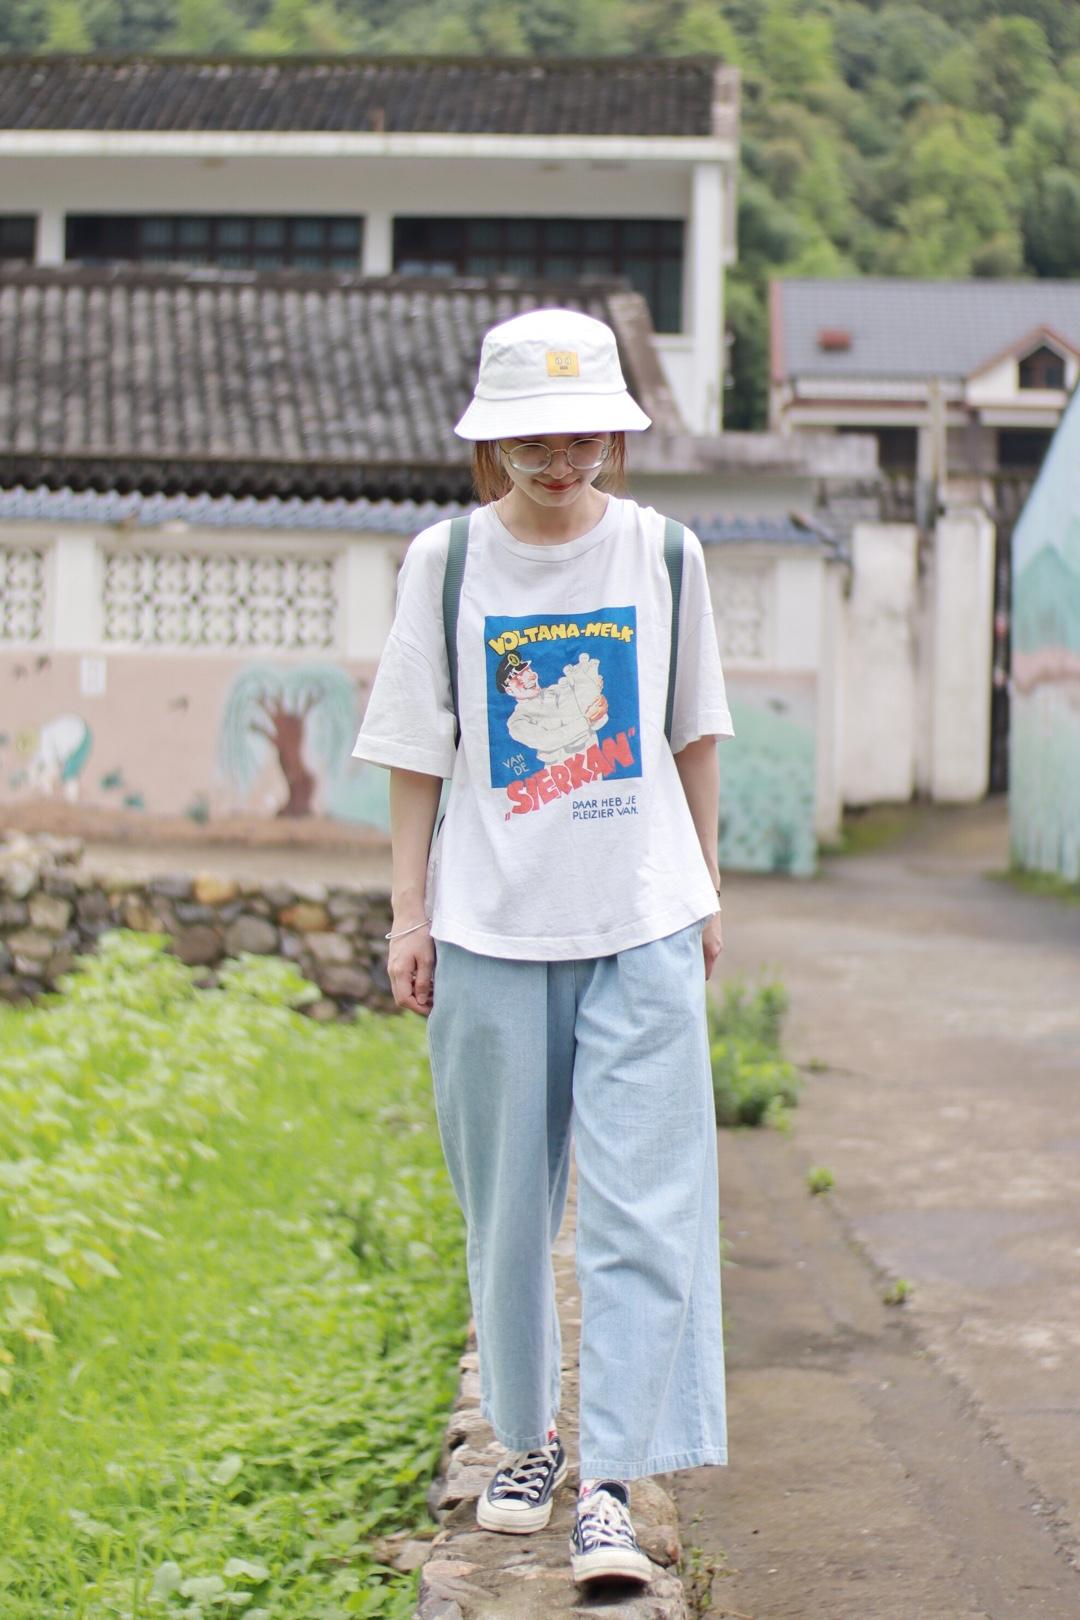 暑假来啦,大家是不是都出去玩了呢~来分享一套休闲复古的日系穿搭。复古印花T恤白色的底色很清爽,中间的印花非常有美式复古感,简单好搭配。九分阔腿裤是百搭利器,浅蓝色看着非常清凉啦~遮阳记得要带渔夫帽哦  #今夏流行的复古T,我教你盘# 🍋